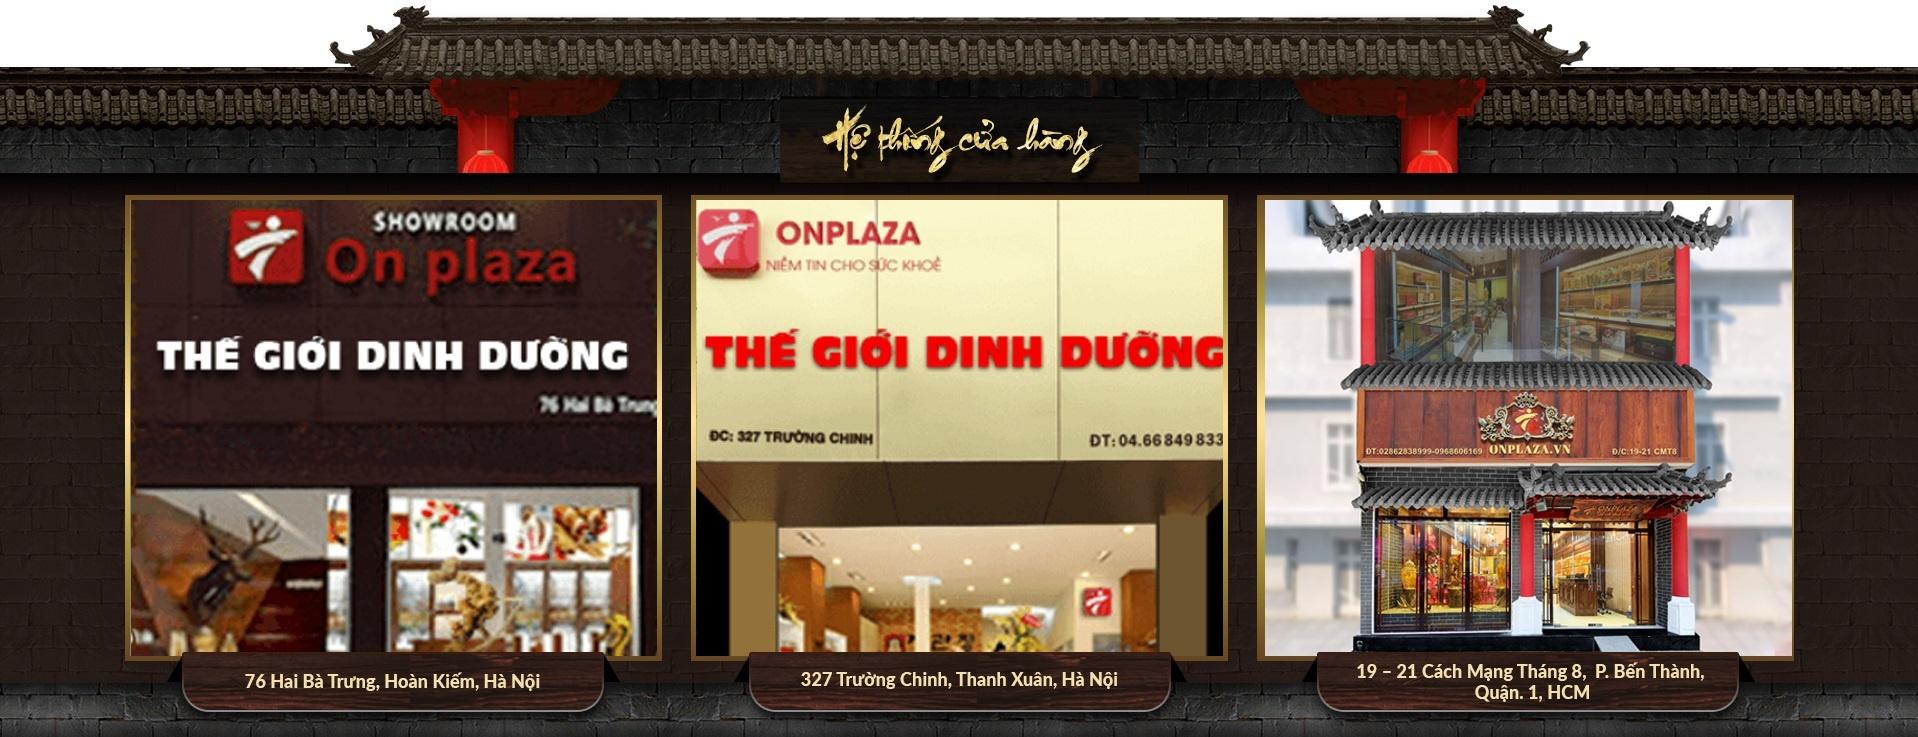 Công ty Onplaza là công ty hàng đầu thị trường dinh dưỡng